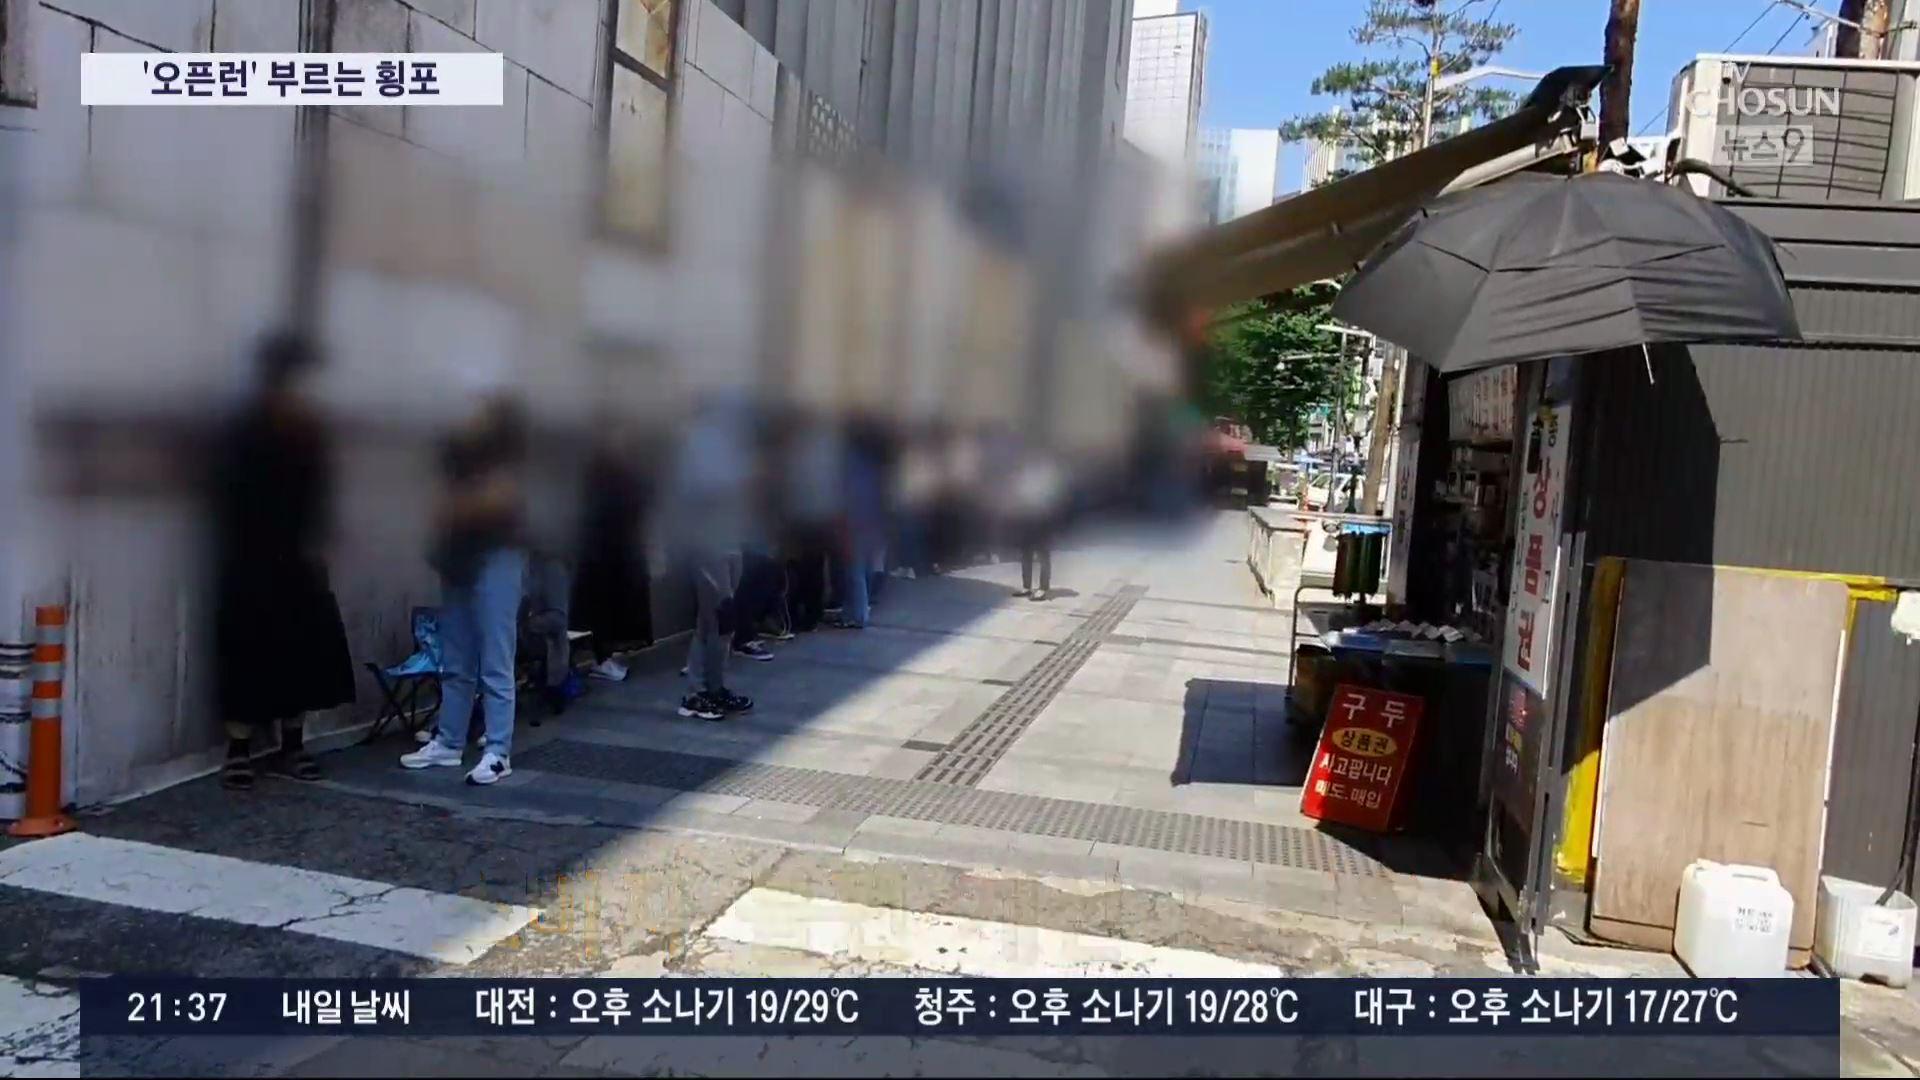 [CSI] '뭘 파는지도 모르고 줄부터'…명품업체 '횡포'에 오픈런